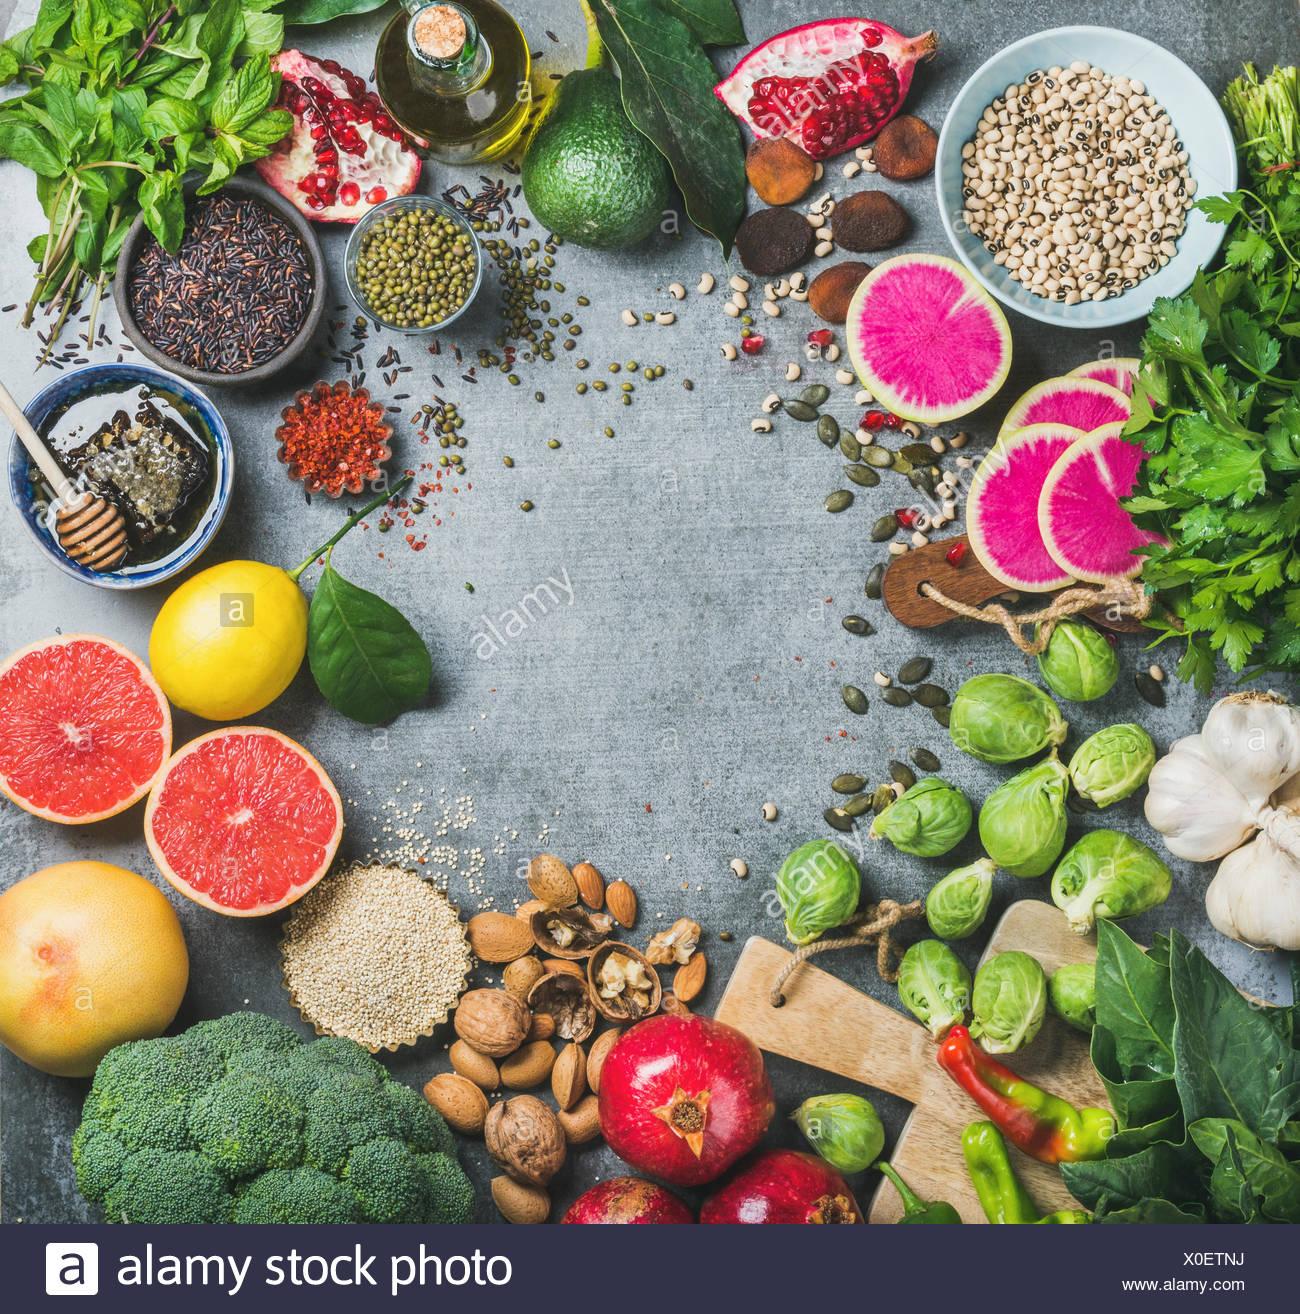 Limpiar comiendo concepto. Variedad de verduras, frutas, semillas, cereales, legumbres, especias, fuentes alimenticias, hierbas condimento para comer sano, dietas, vegan, ve Imagen De Stock